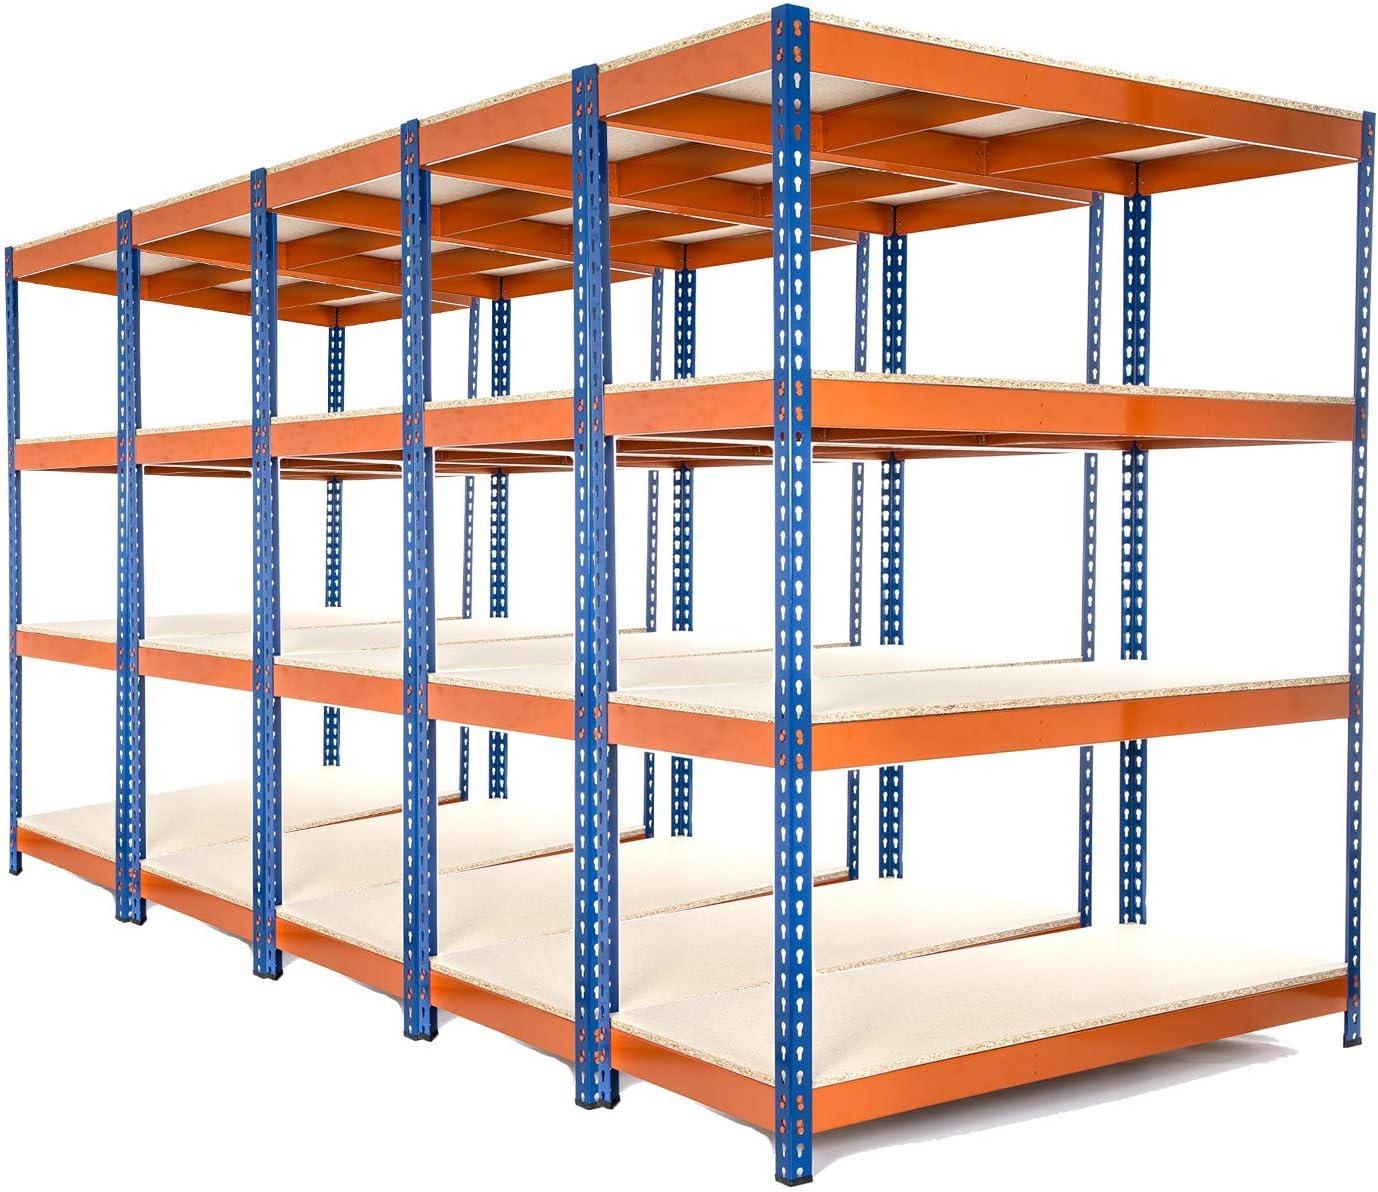 con 8 cajas de almacenamiento transparentes de 24 litros Estanter/ía de acero galvanizado para garaje 1800 mm de alto x 900 mm de ancho x 400 mm de profundidad